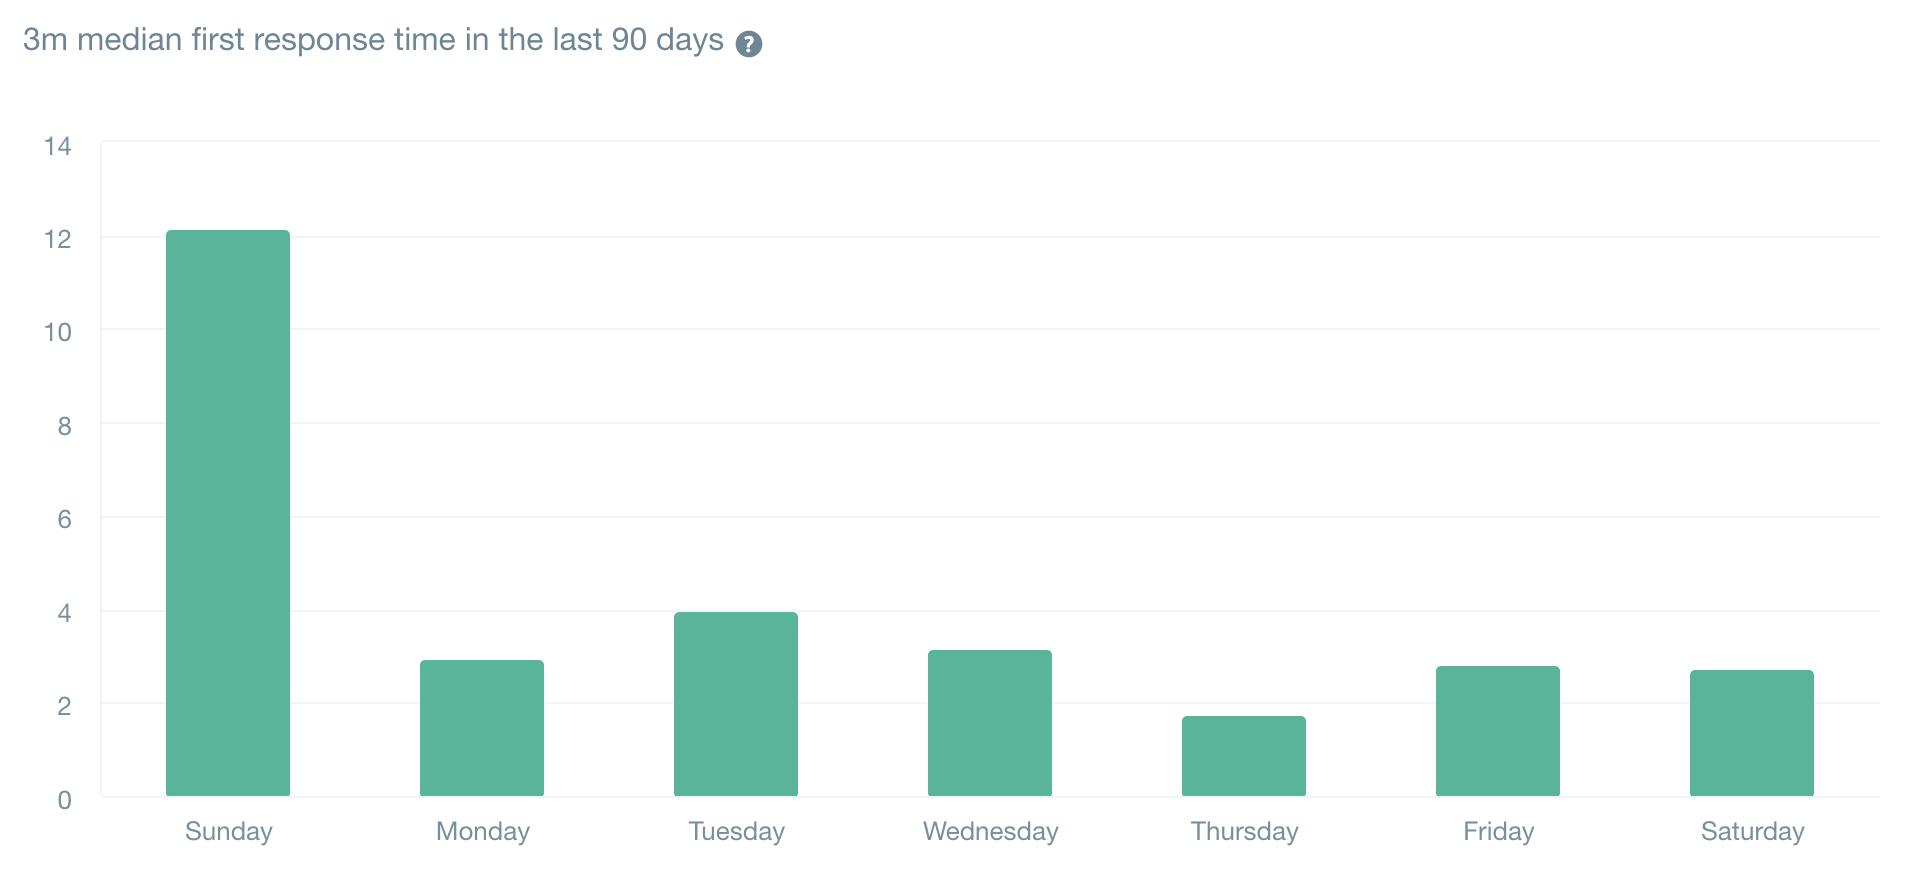 直近90日の初回回答時間の中央値